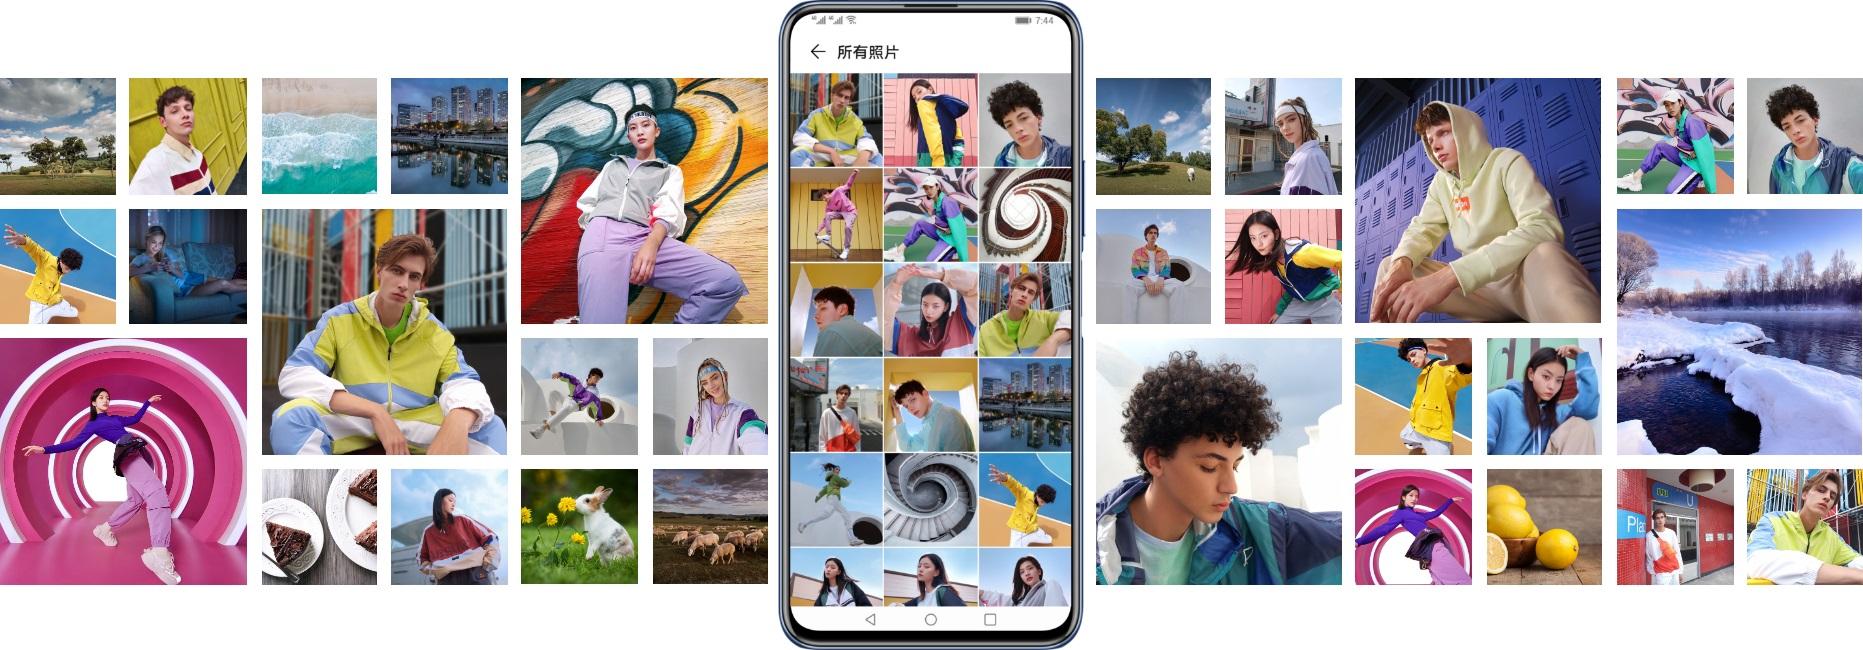 المراجعة الأولية لمواصفات هاتف Huawei Y9a الجديد